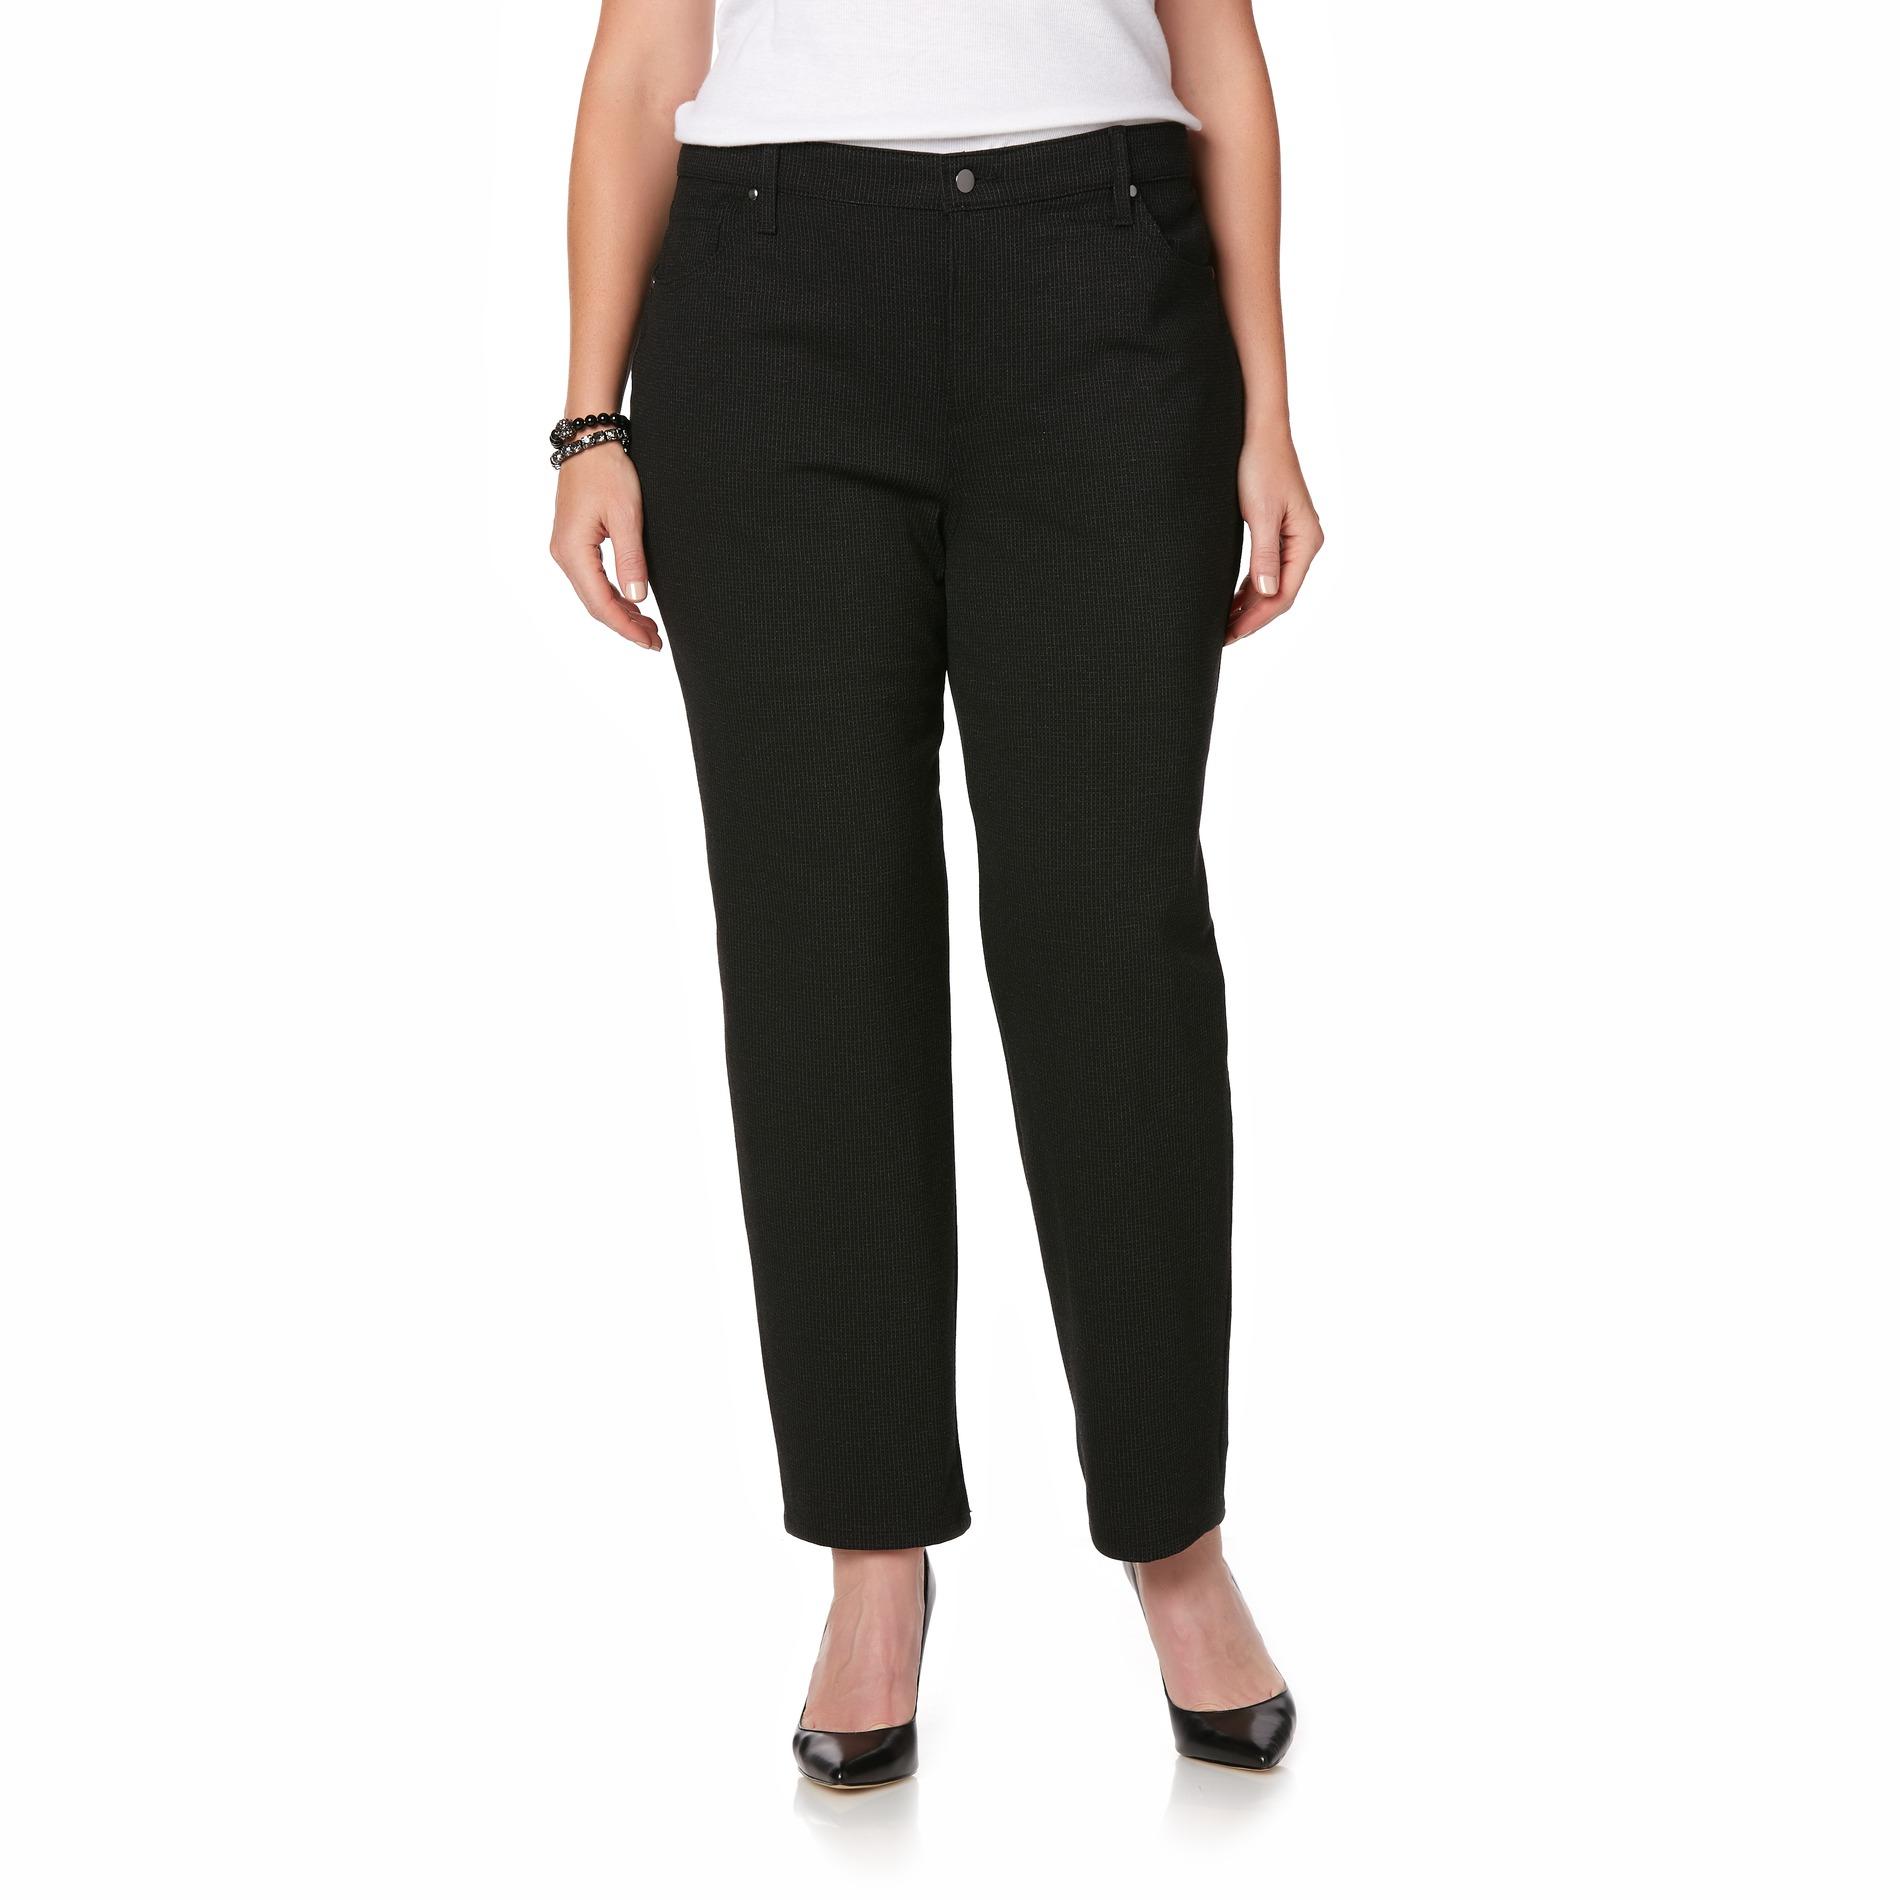 0413ec6482076 Simply Emma Women's Plus Ponte Knit Pants - Checkered